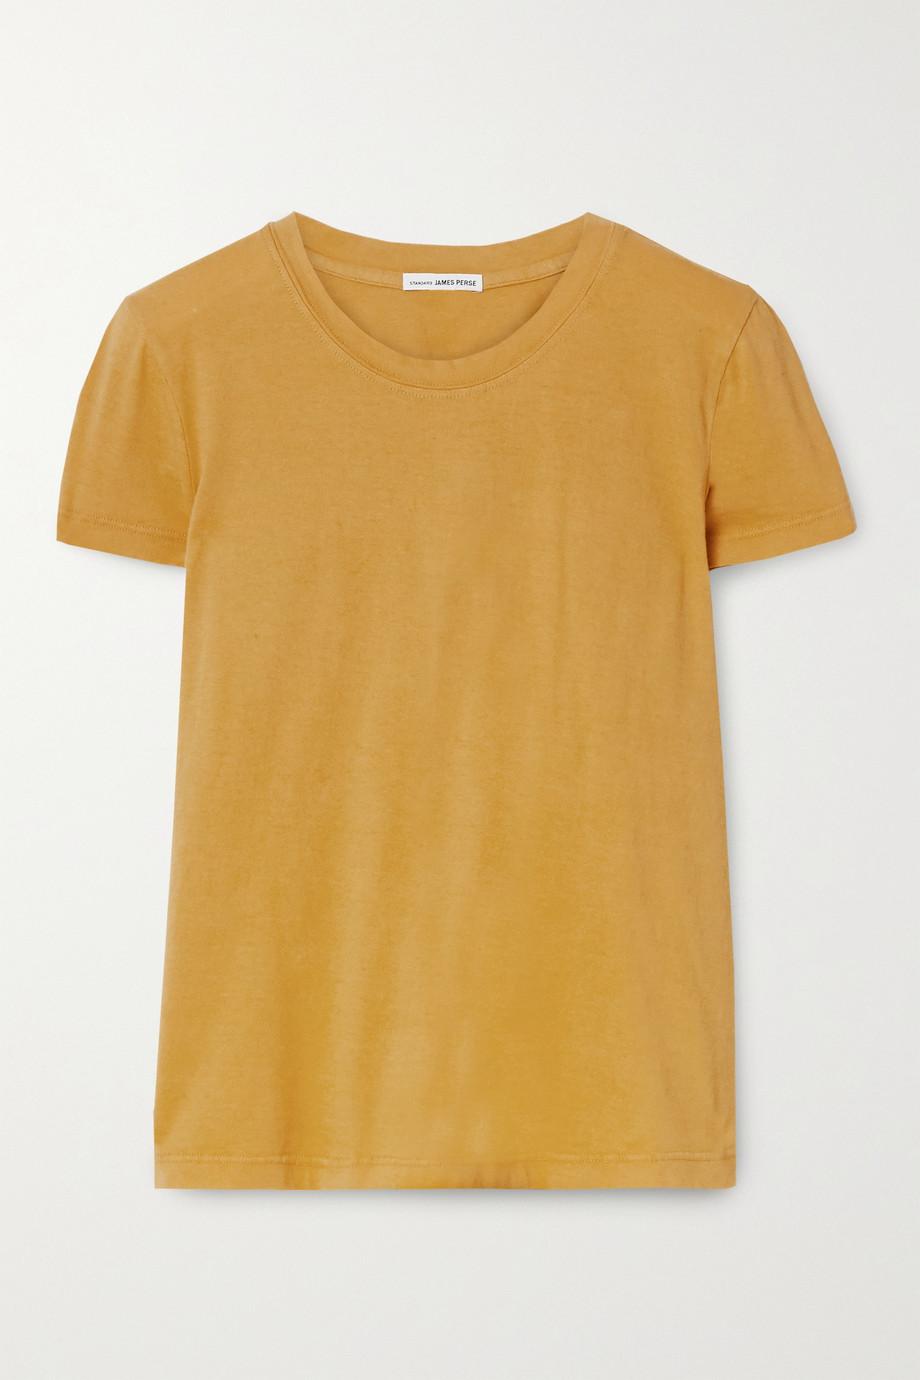 James Perse Vintage Little Boy cotton-jersey T-shirt